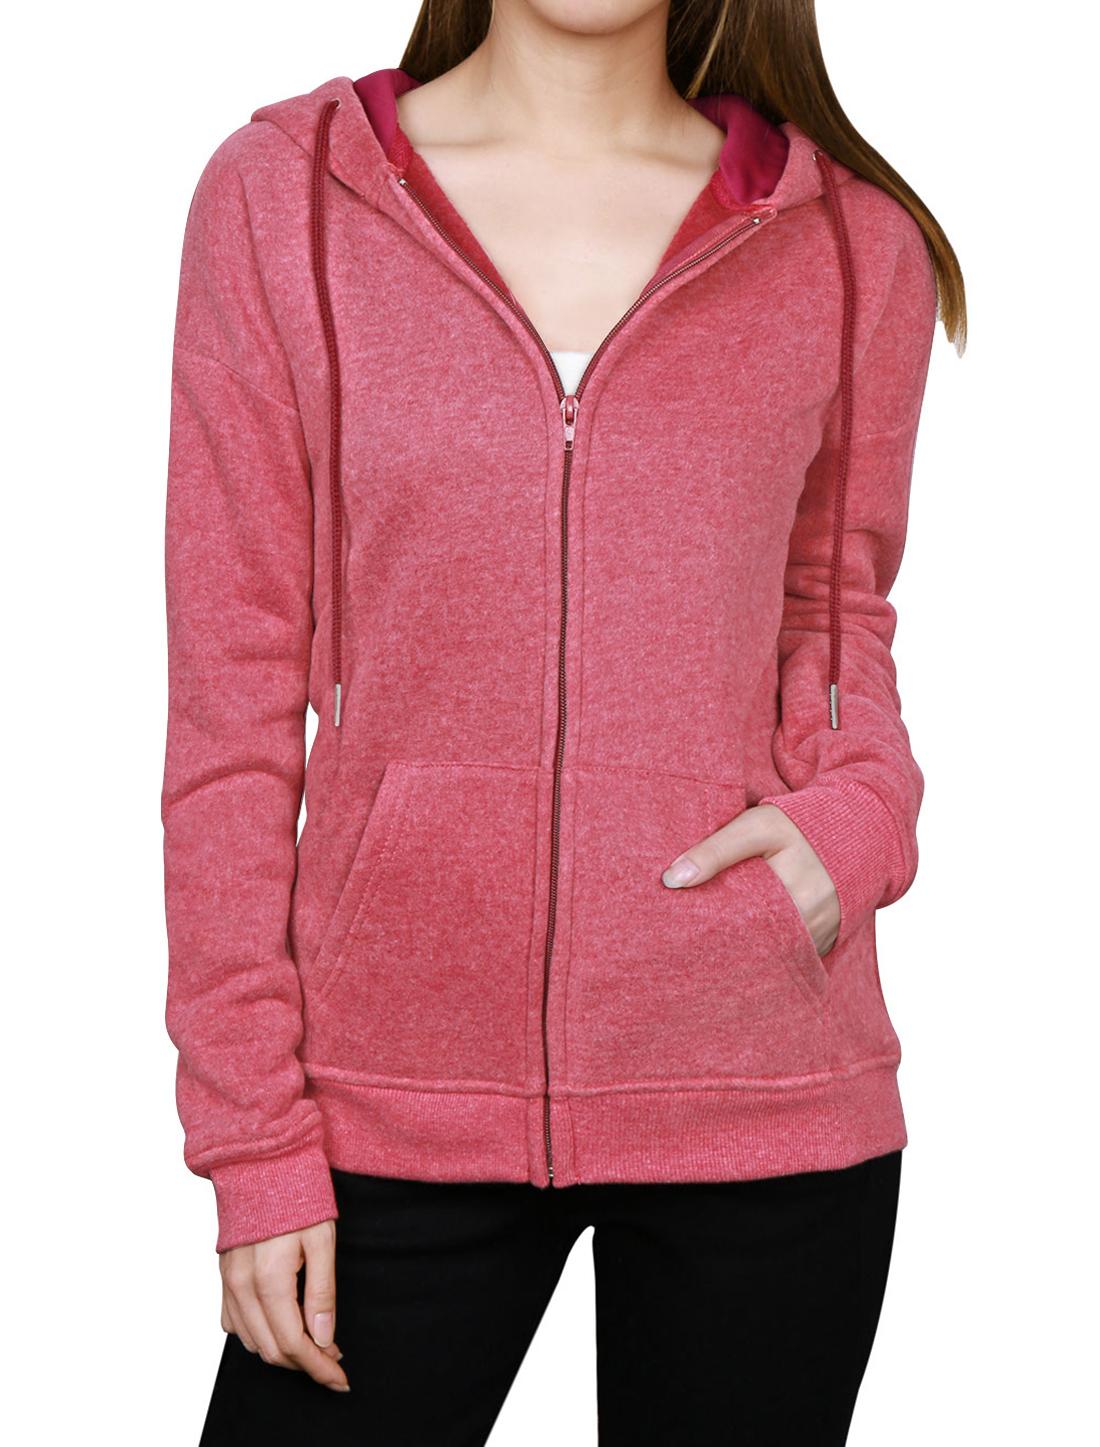 Woman Kangaroo Pocket Zip Up Long Sleeves Drawstring Hoodie Red XS